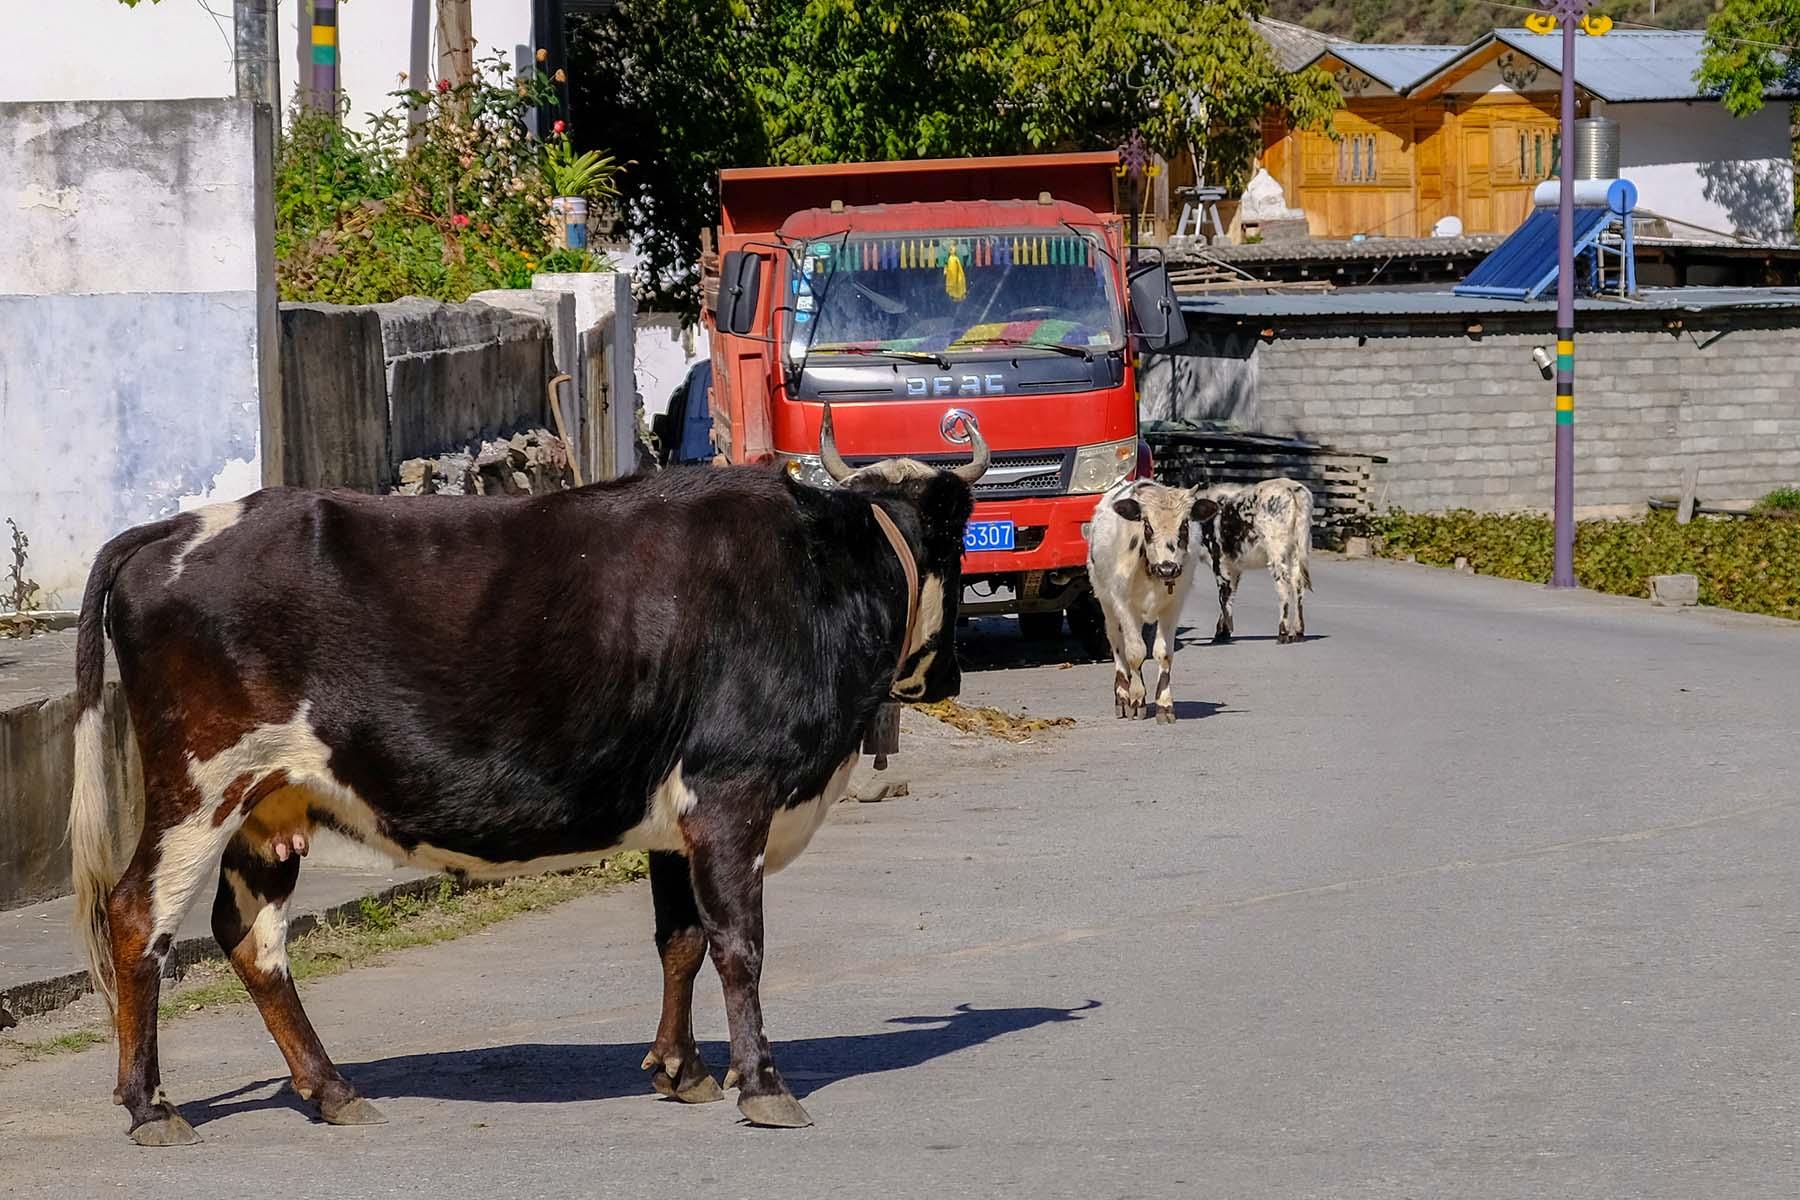 Eine Kuh auf der Straße in den Bergen in Yunnan, China